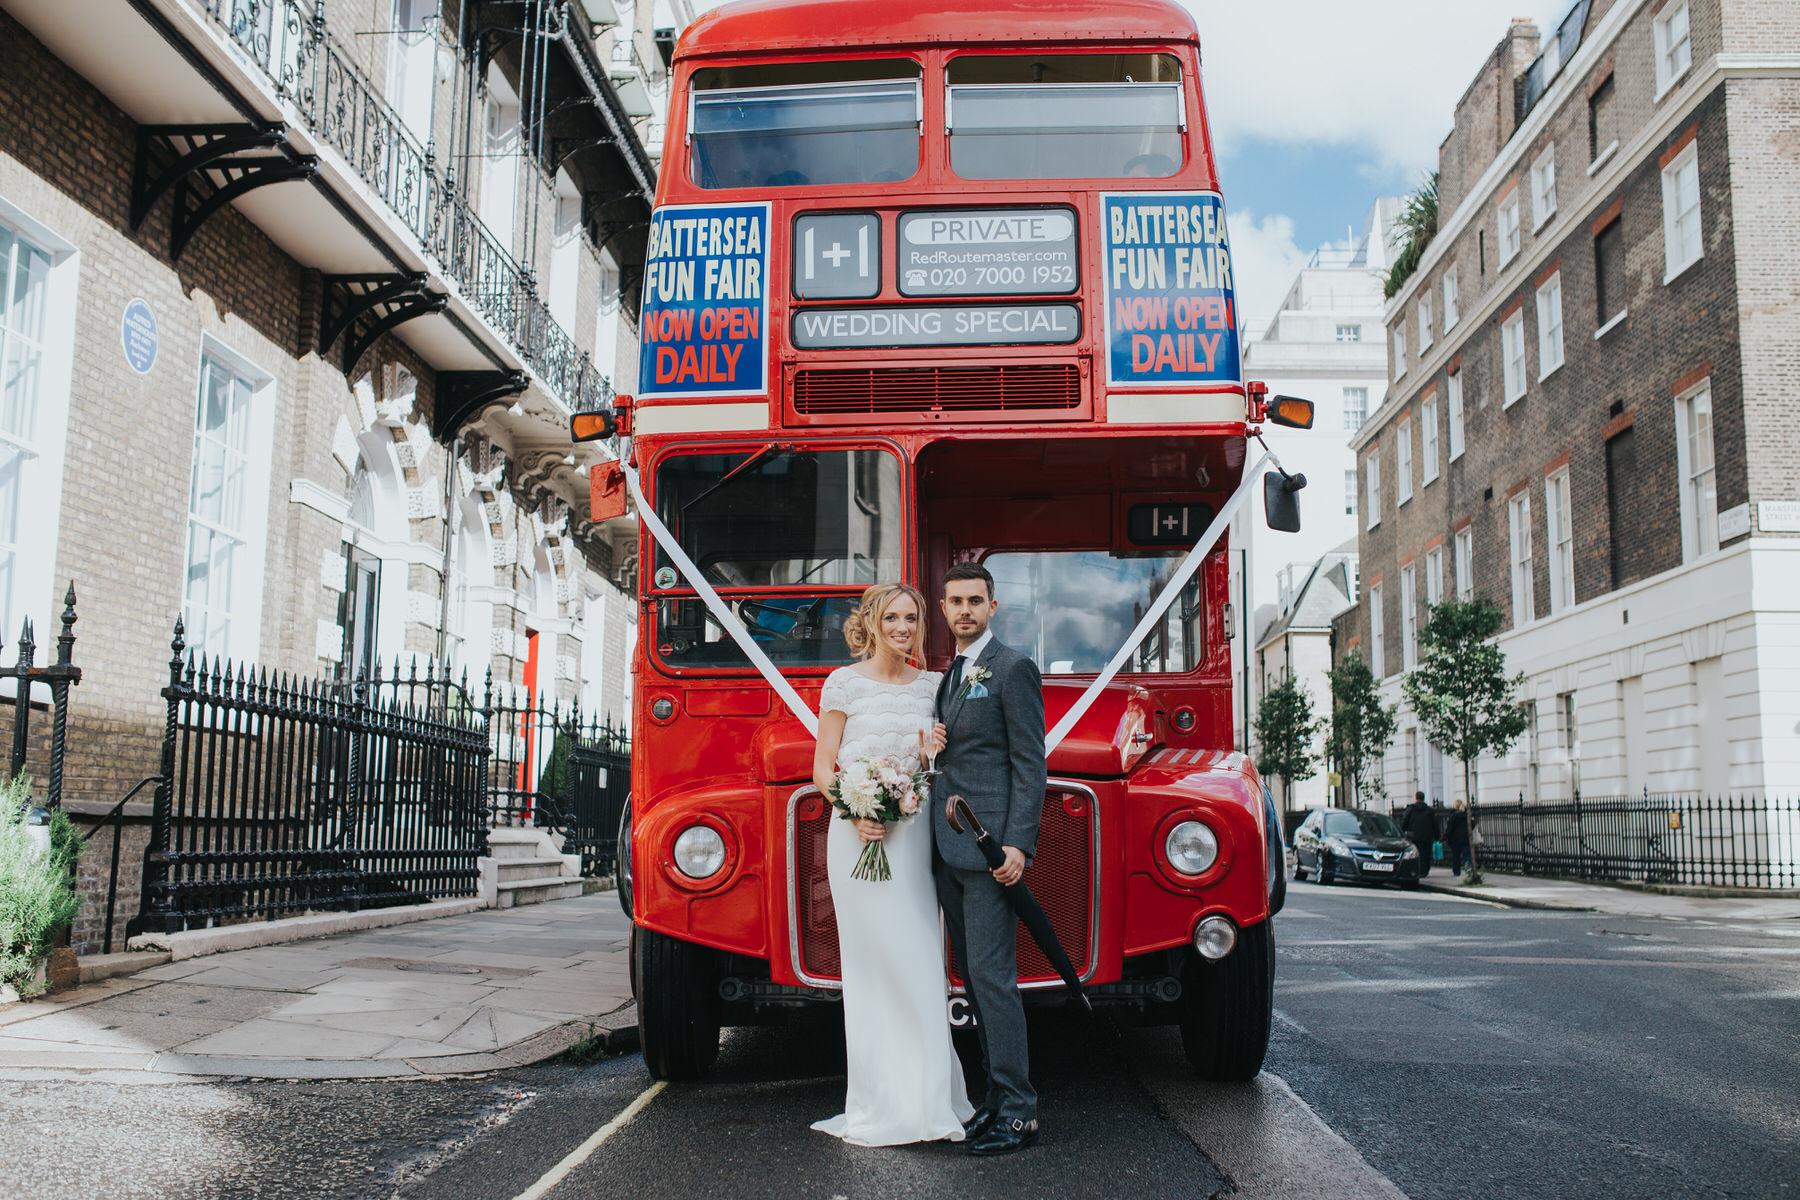 bride groom red wedding bus London street.jpg